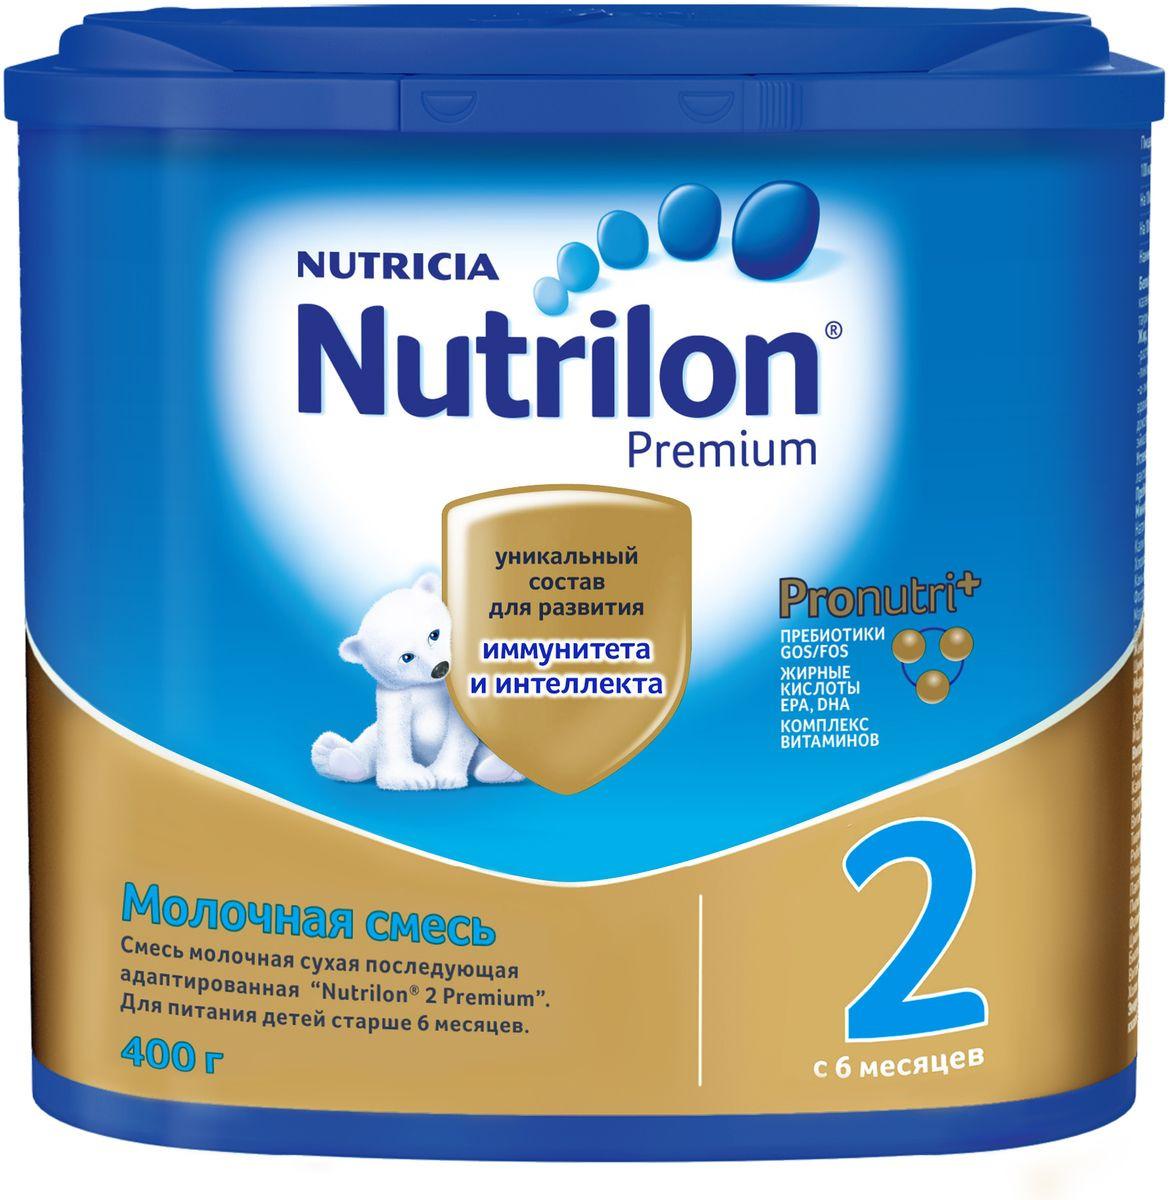 Молочная смесь Nutrilon Premium 2, 400 г